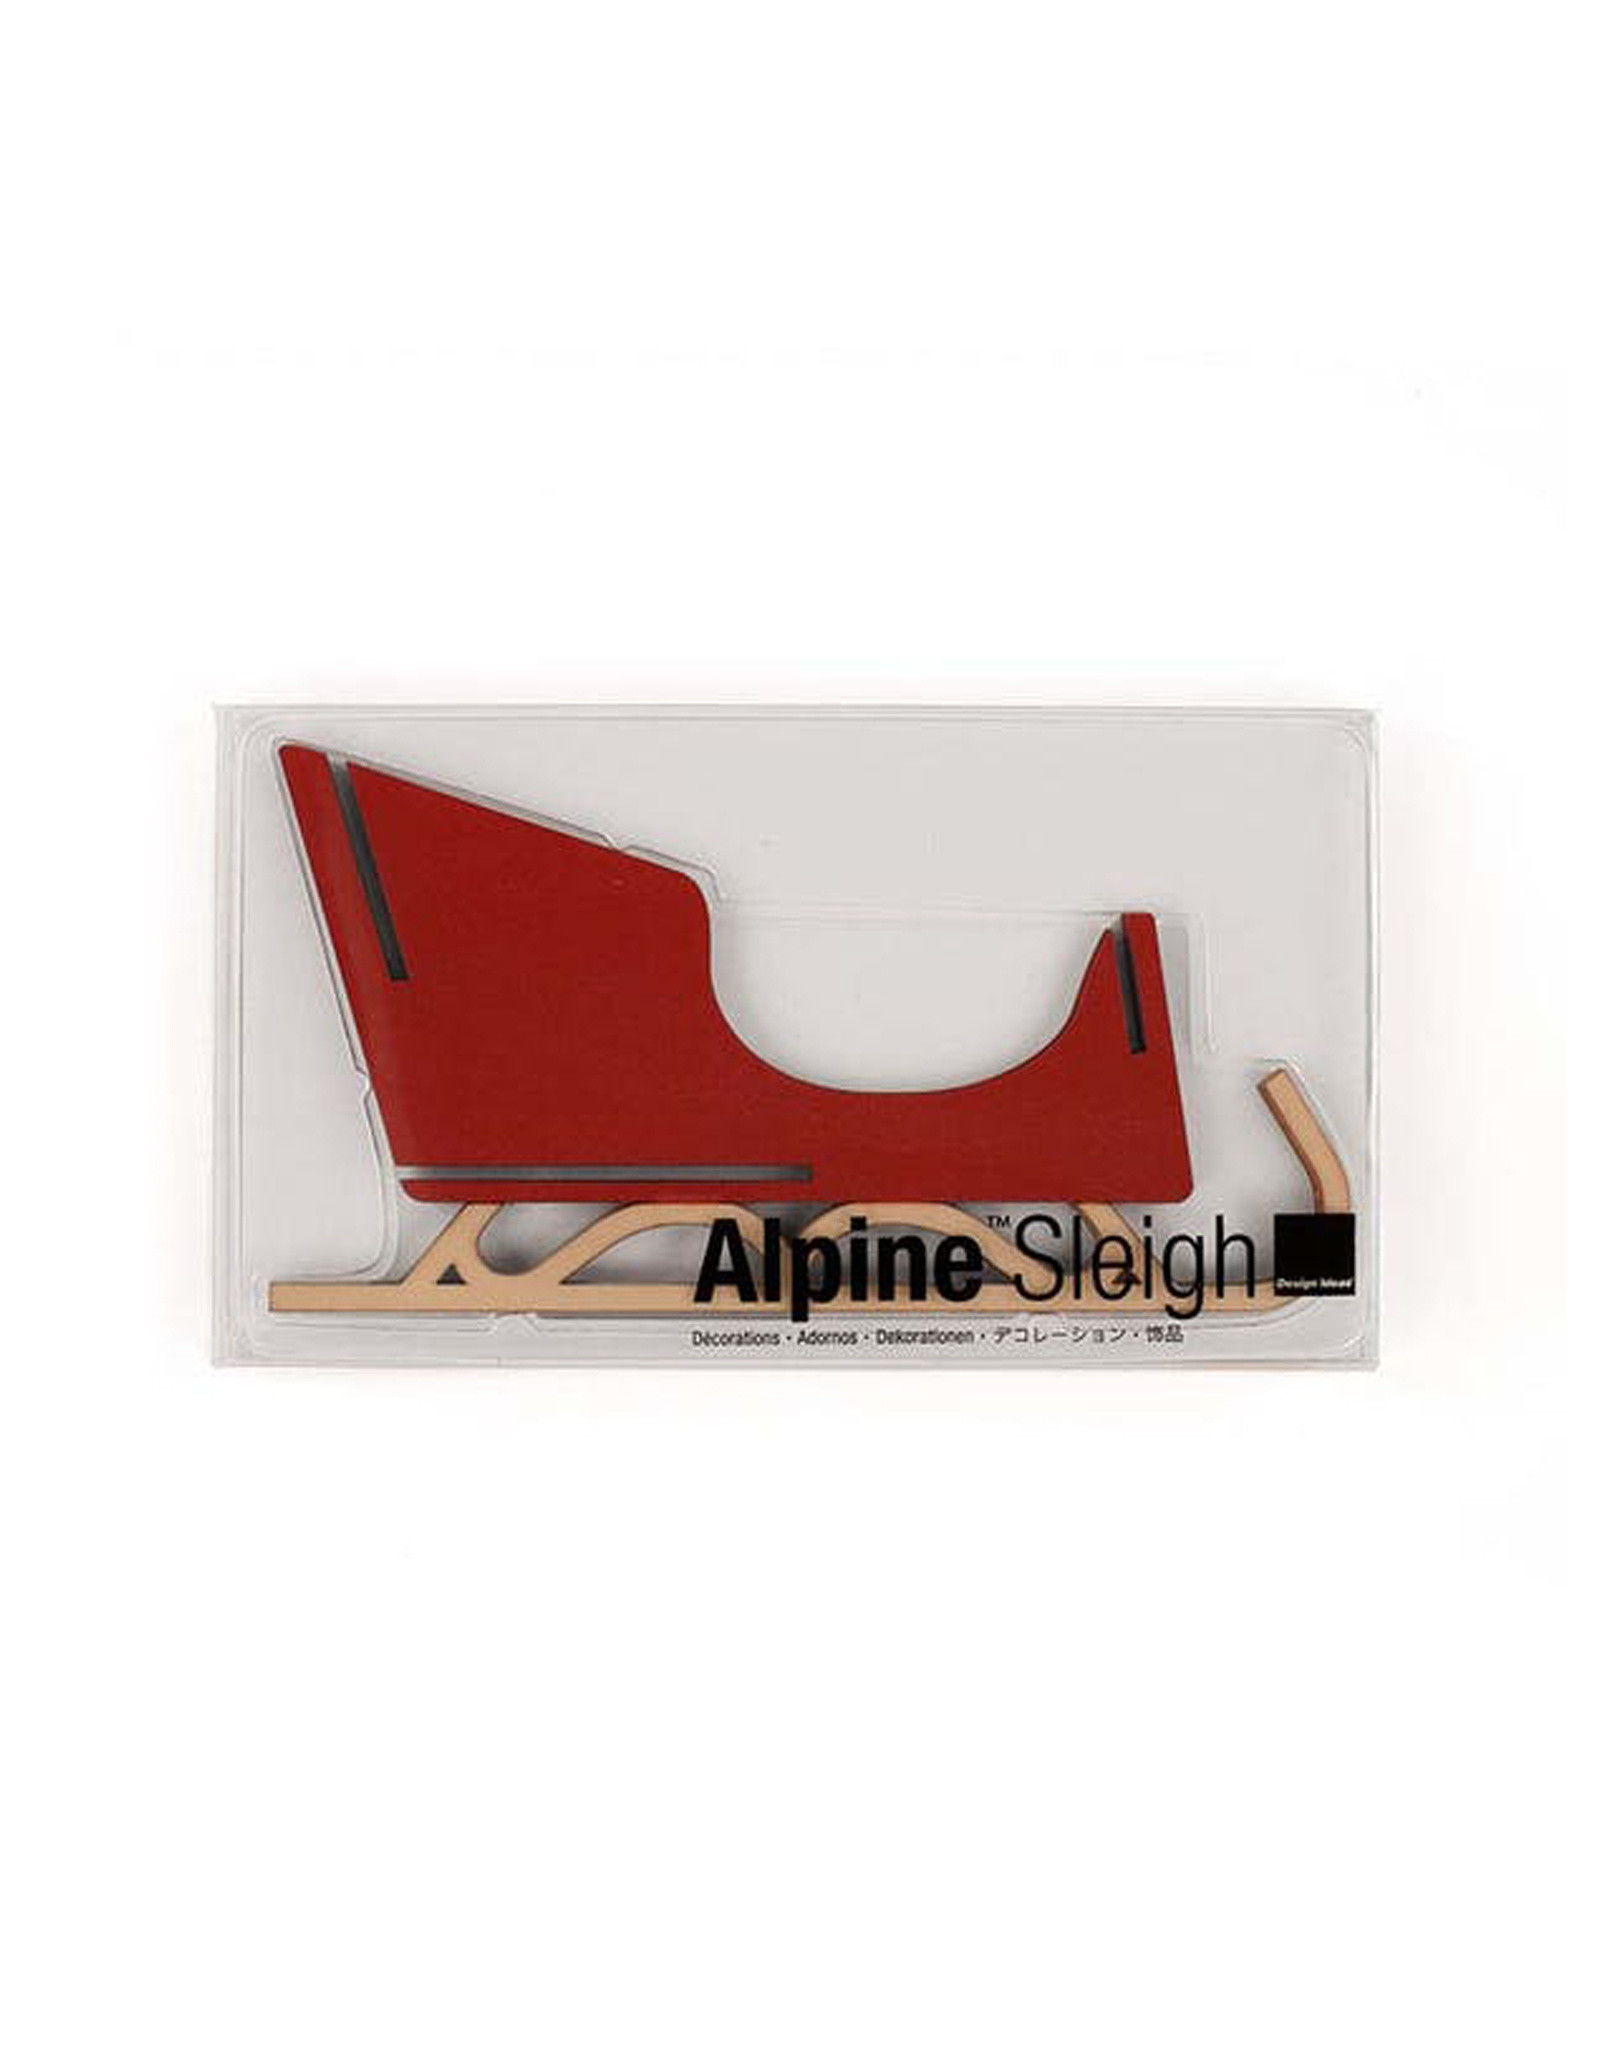 Alpine Sleigh